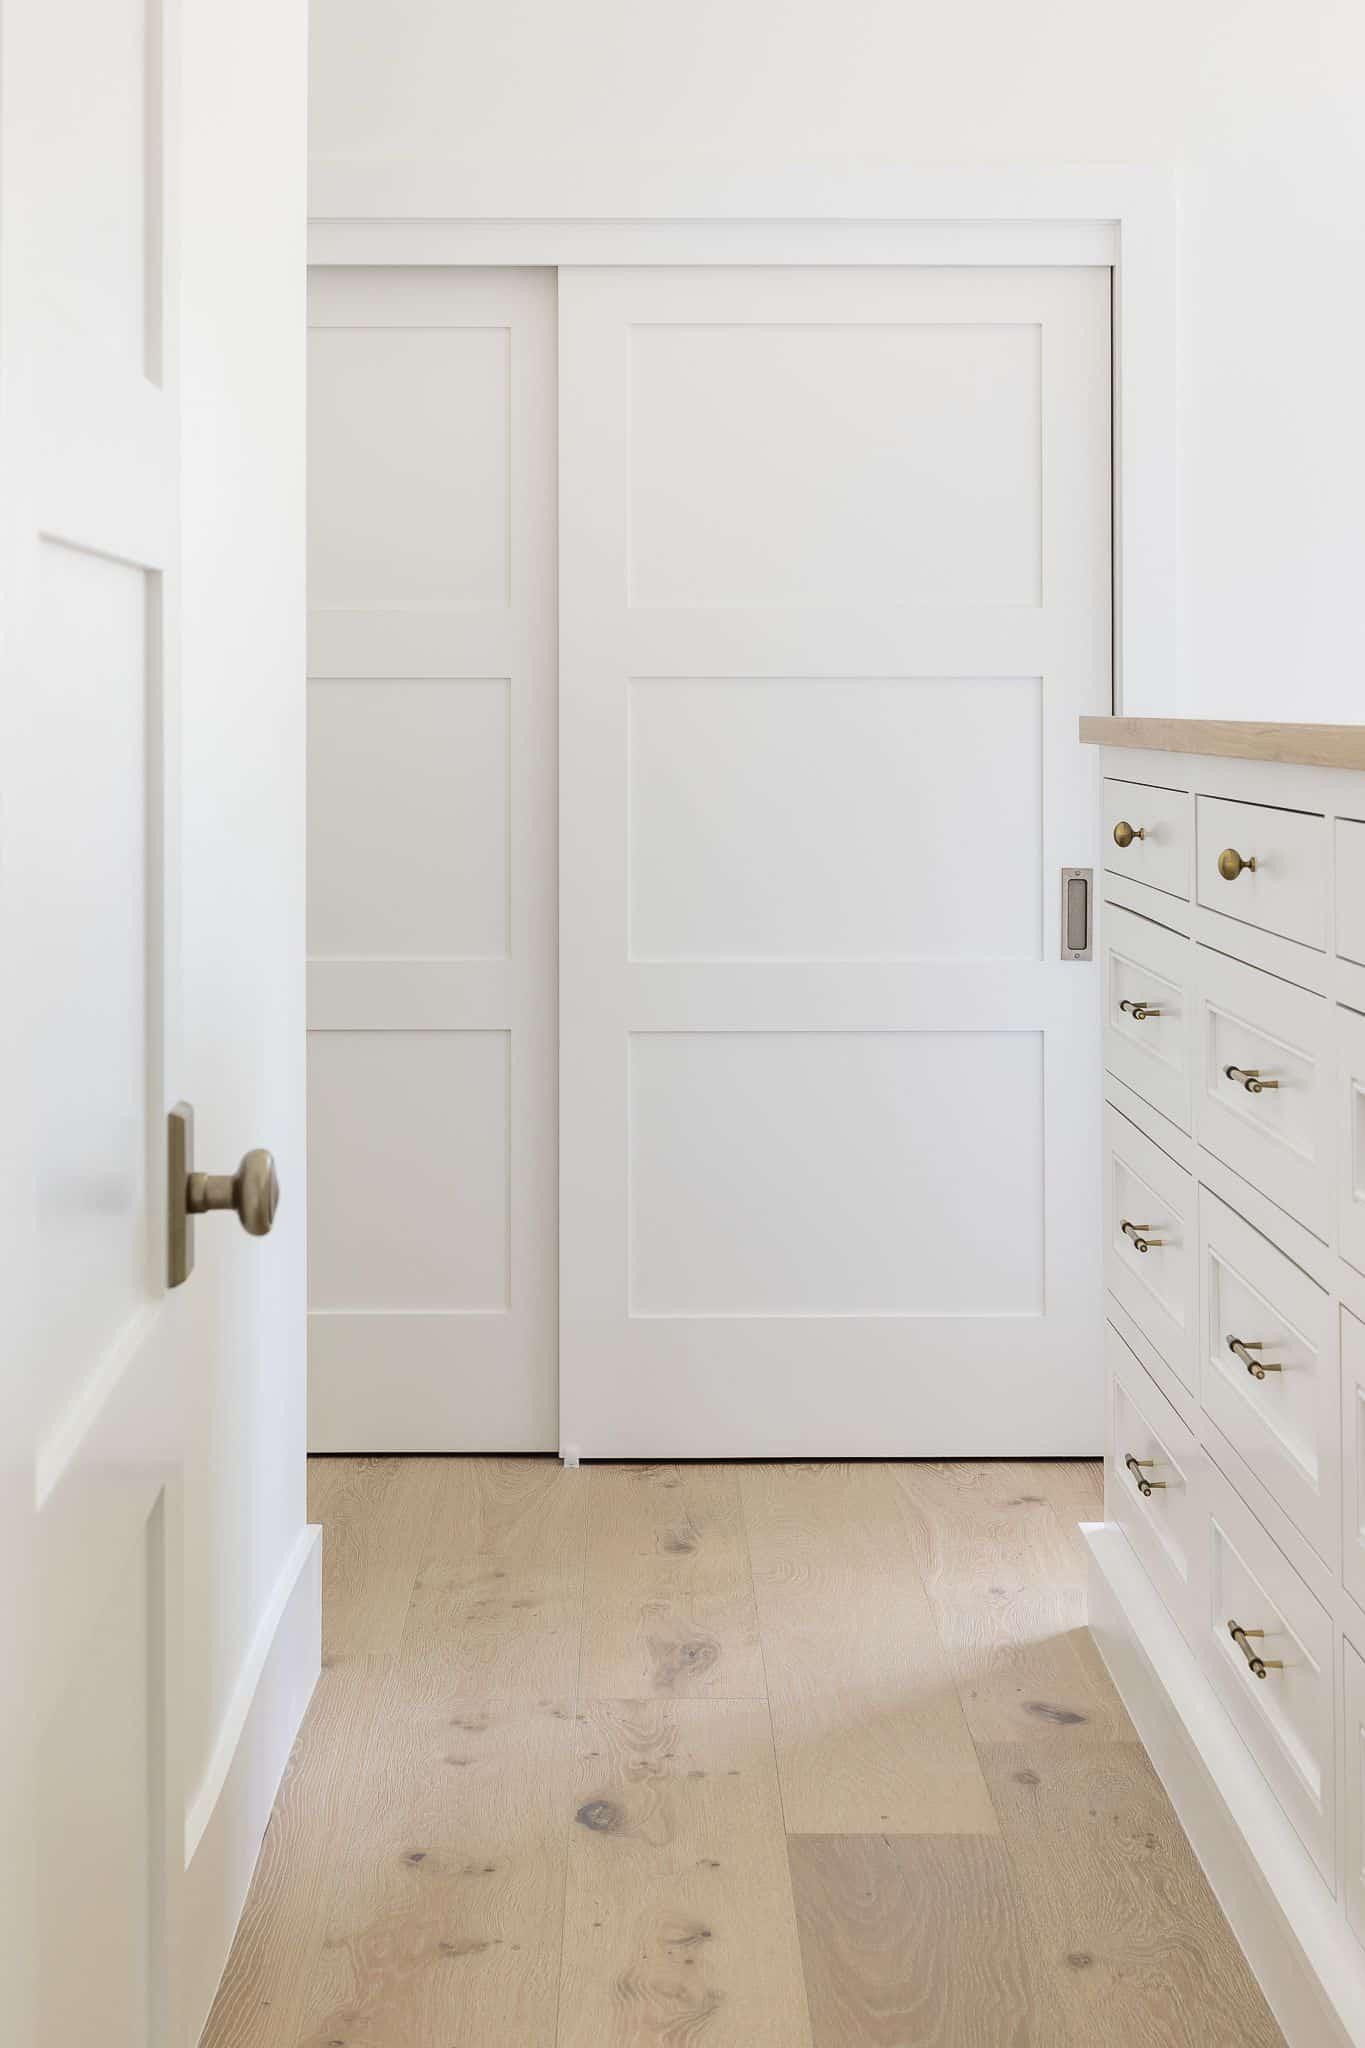 Coastal Bedrooms & Bathrooms - Port Newport Project - Mindy Gayer Design Co.